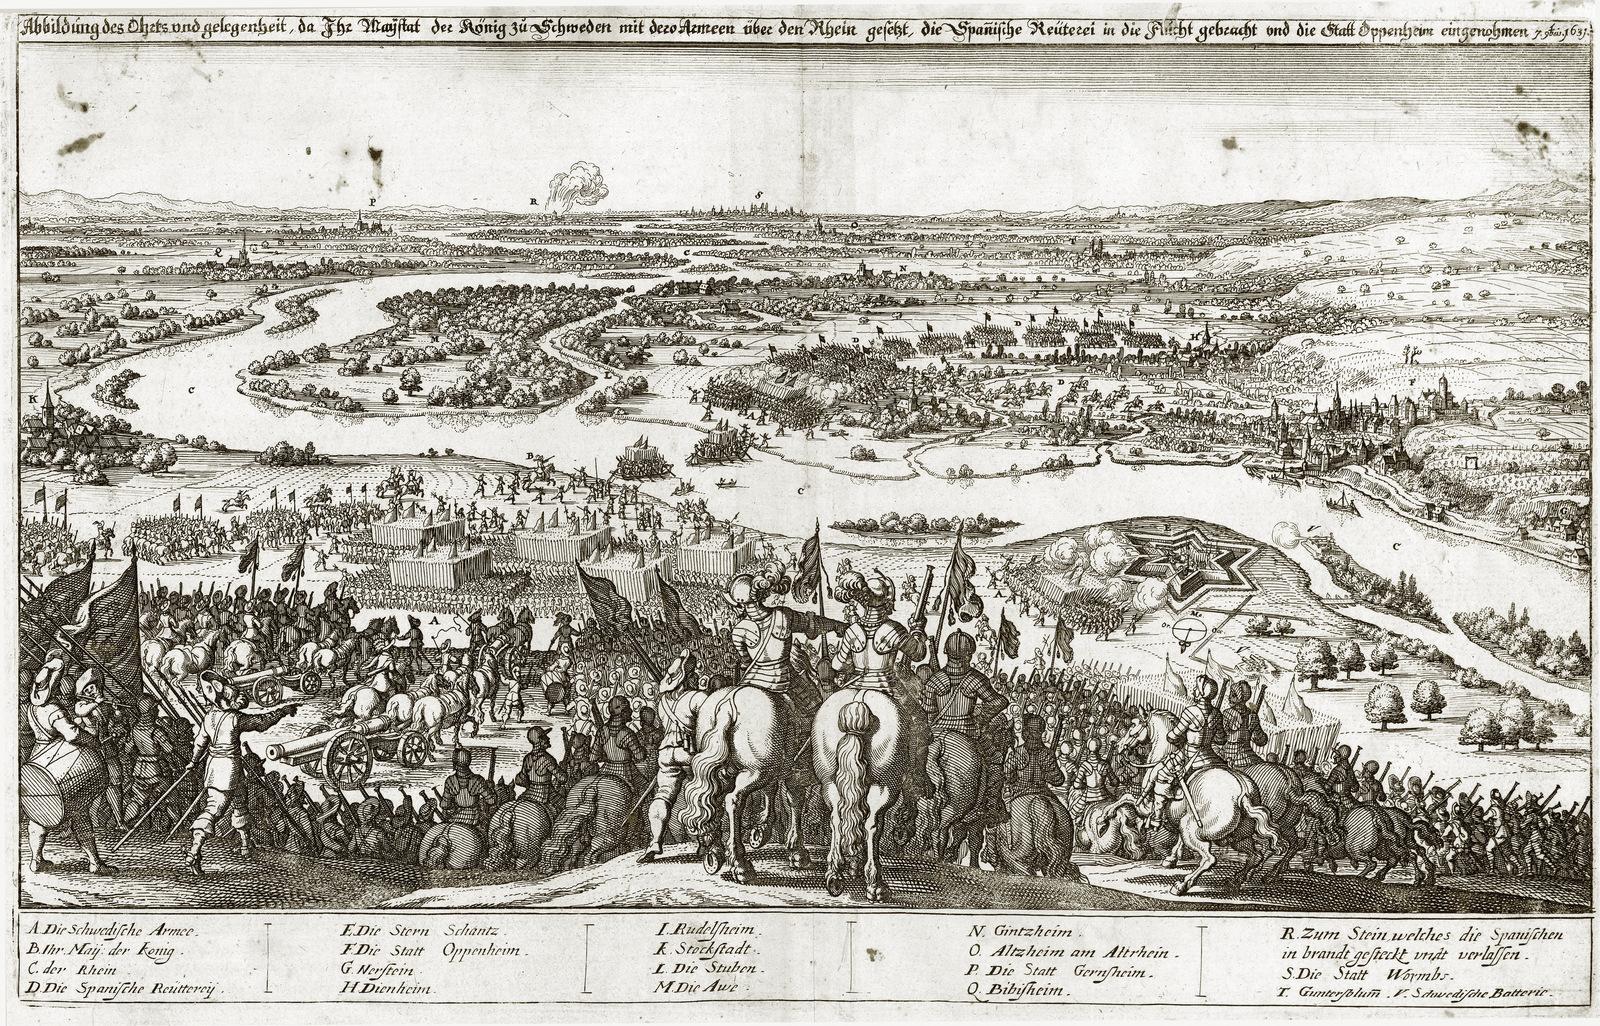 in Abelinus: Historische Chronick [Theatrum Europaeum], Frankfurt 1637, doppelseitige Kupferstich-Tafel nach S. 450. <br/>Quelle: Universitätsbibliothek Augsburg, Signatur: 02/IV.13.2.26-2 <br/>Lizenz: Nutzung genehmigungspflichtig